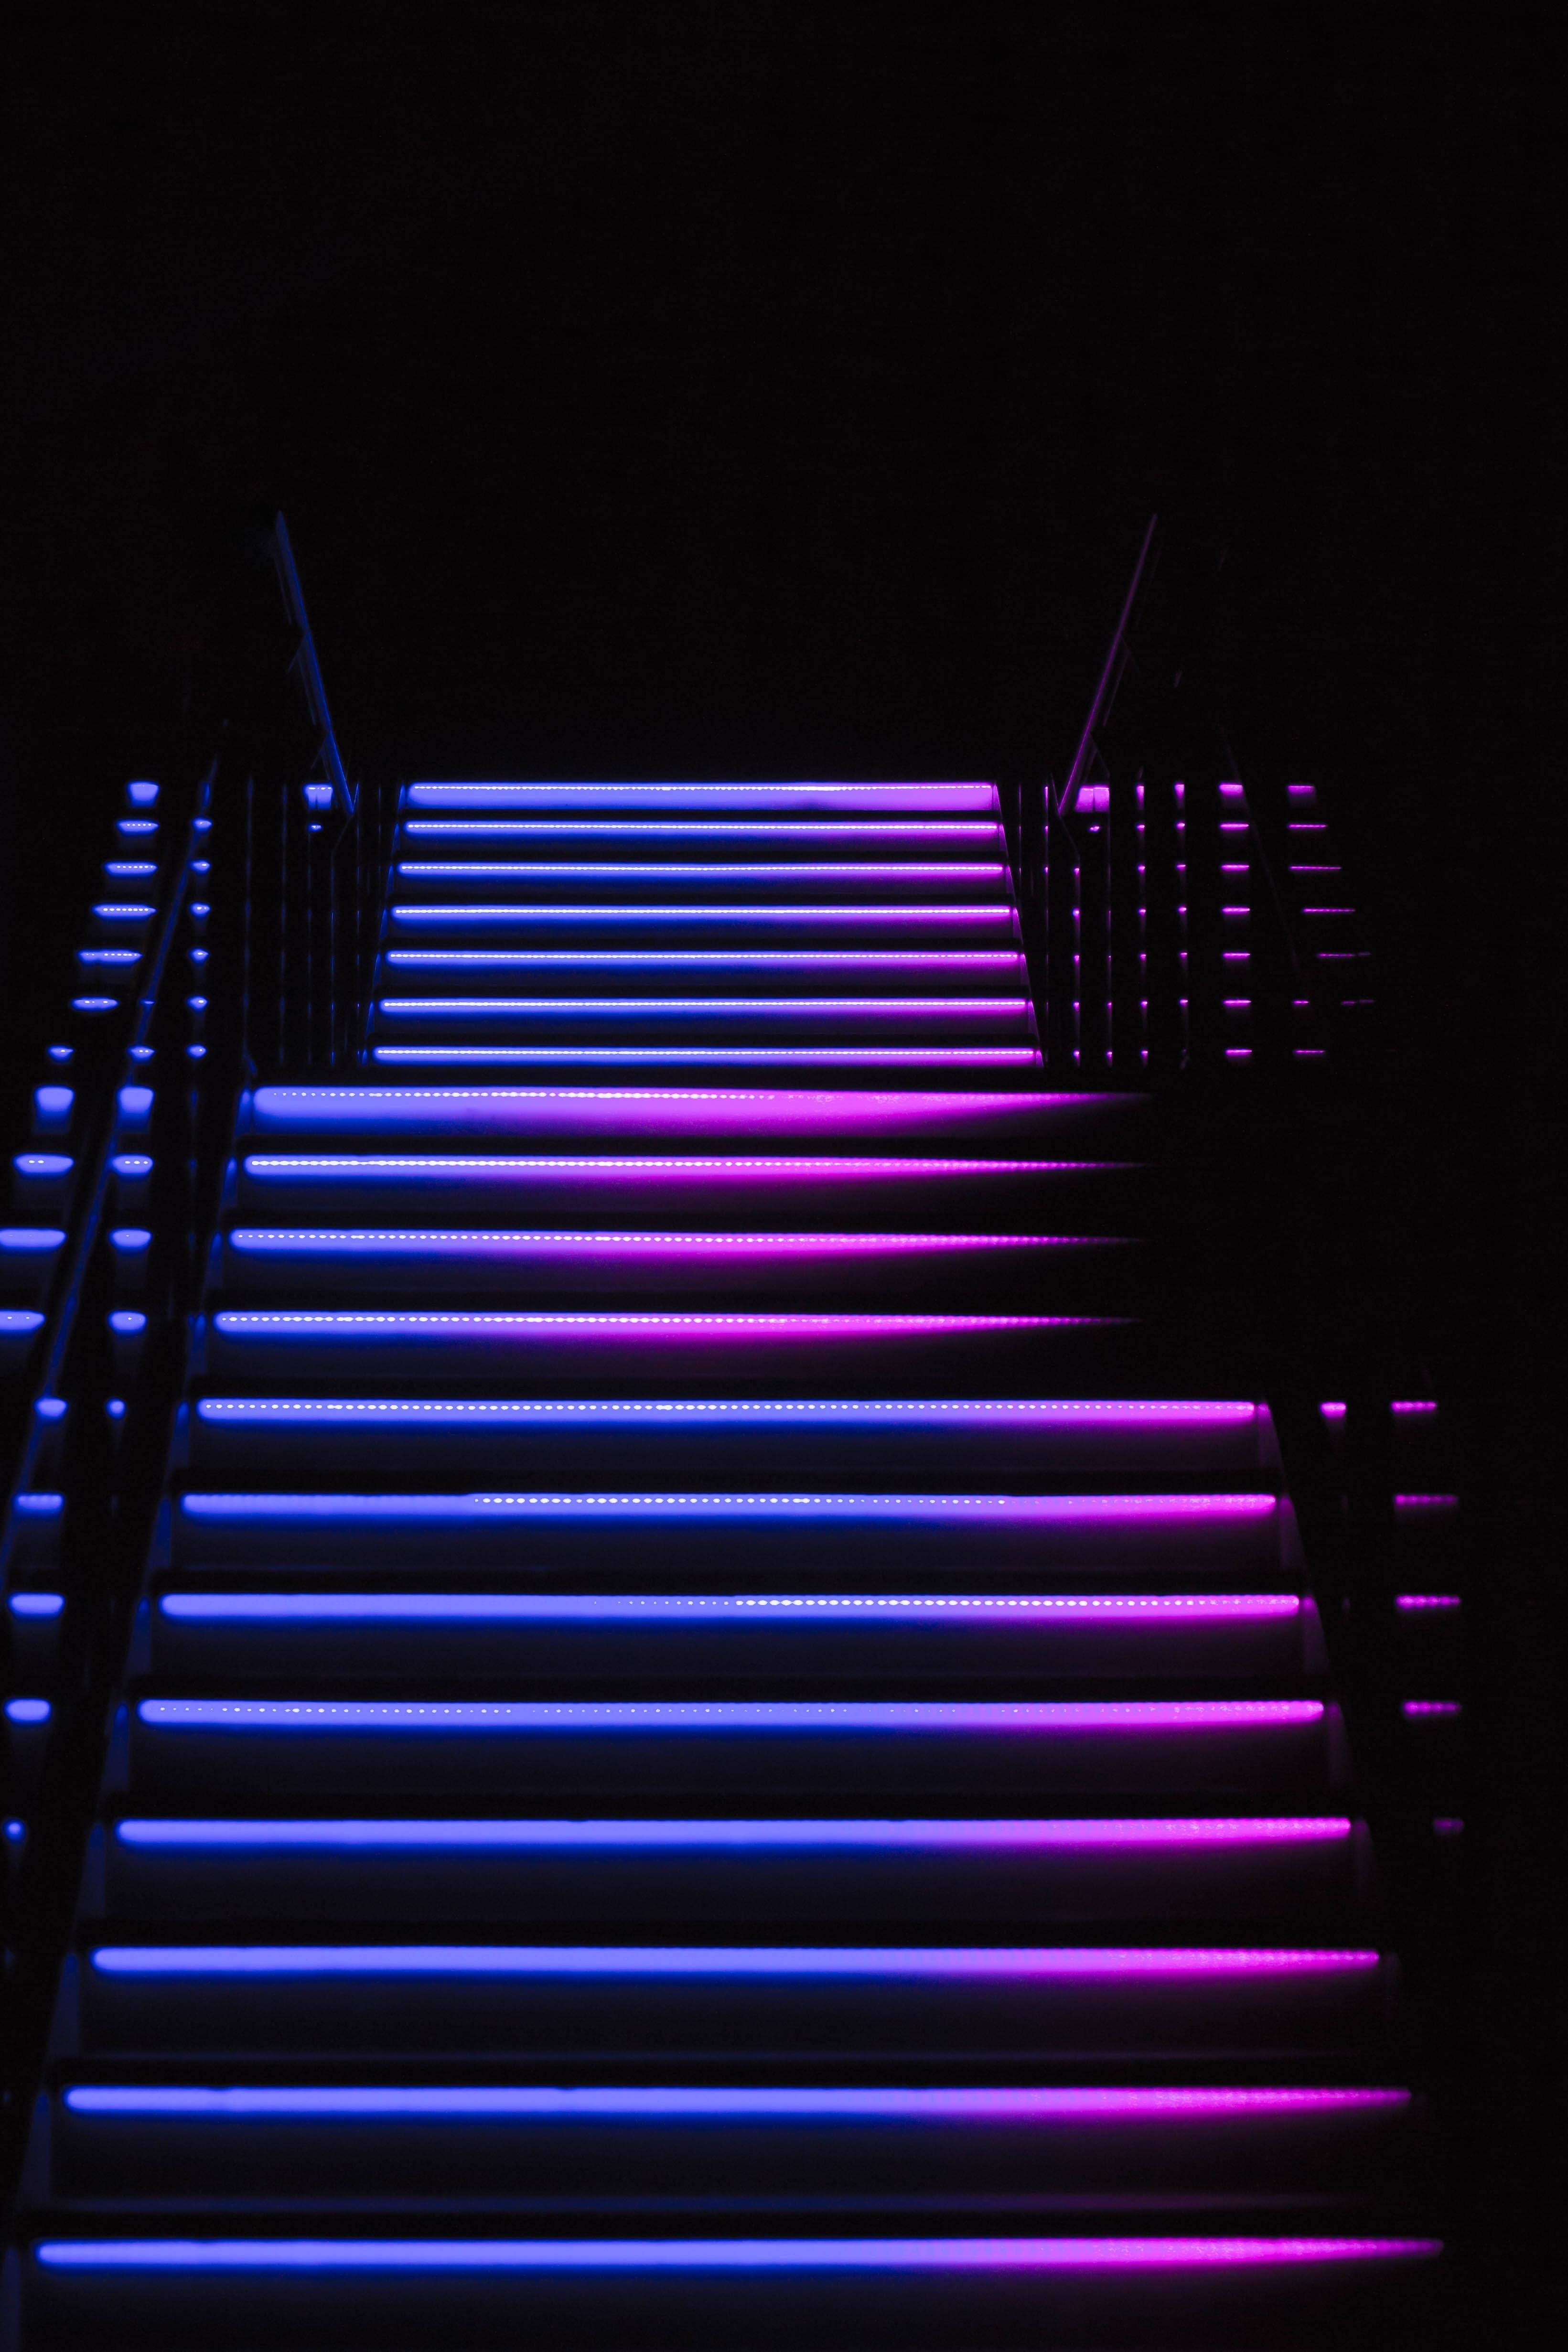 112265 papel de parede 720x1520 em seu telefone gratuitamente, baixe imagens Violeta, Escuro, Luz De Fundo, Iluminação, Escadaria, Escada, Roxo, Passos 720x1520 em seu celular